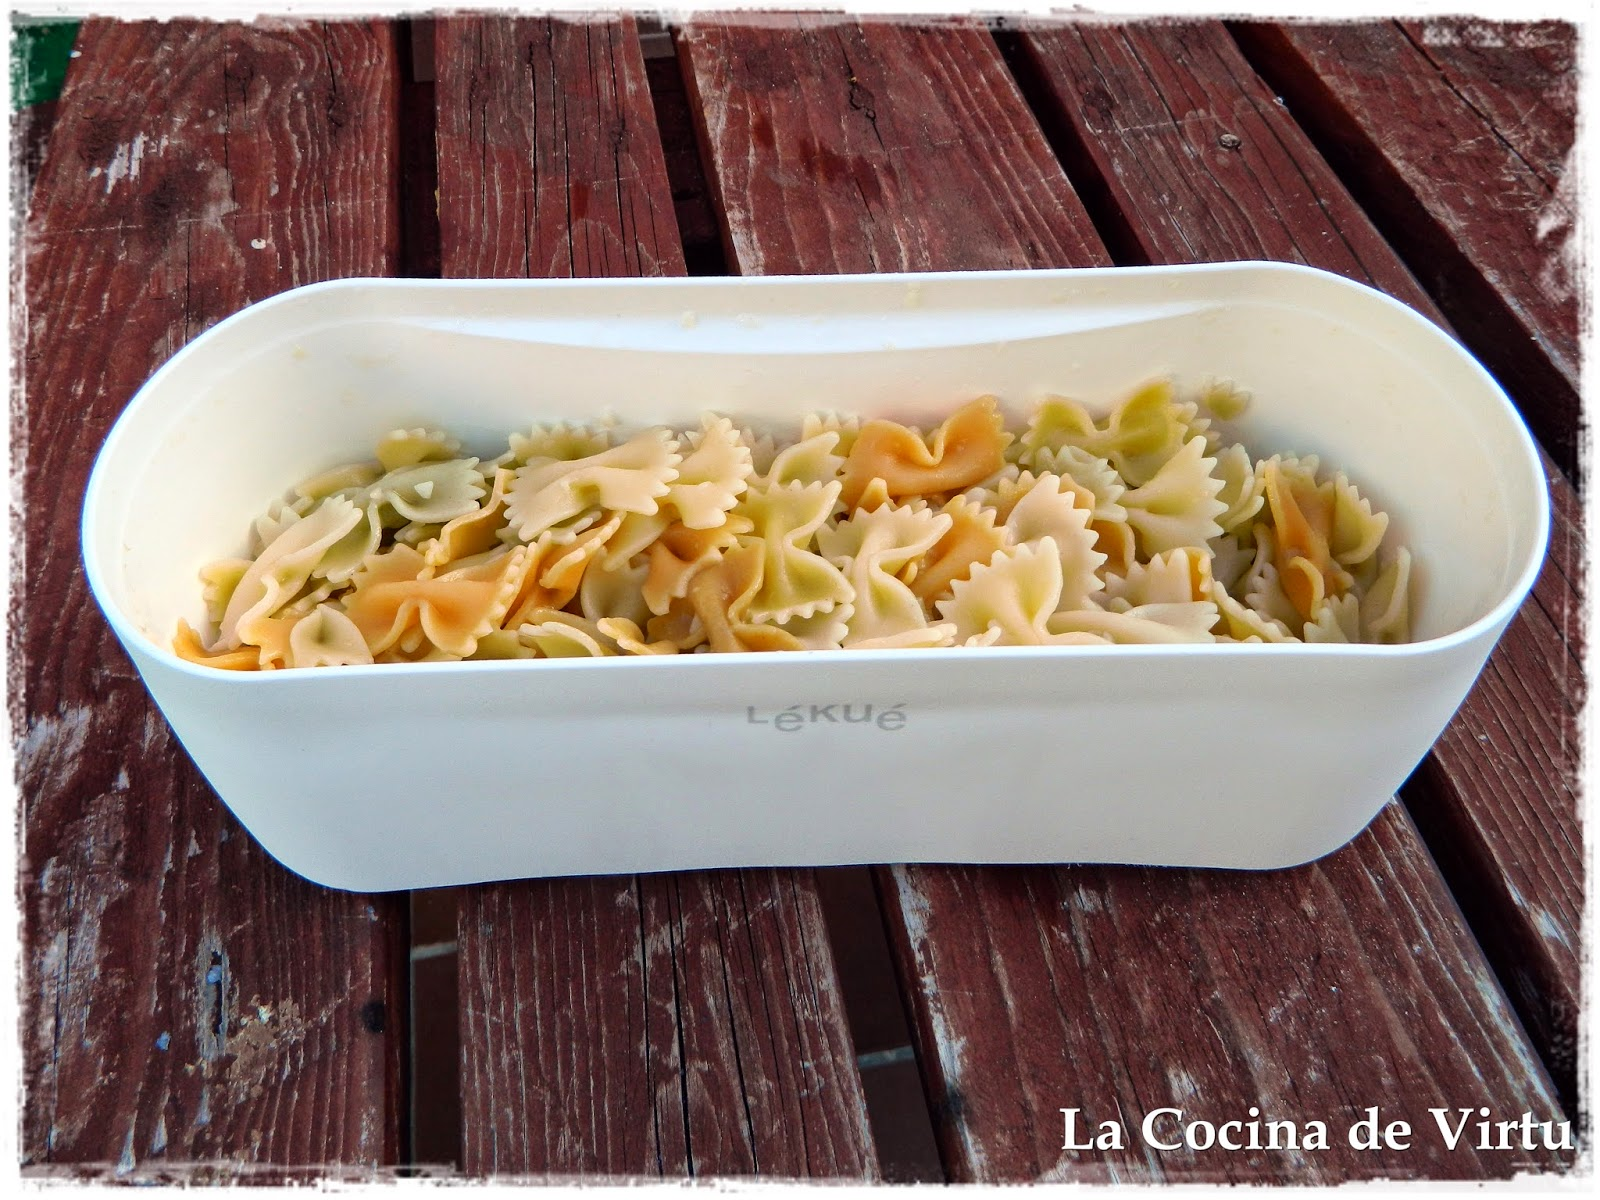 La cocina de Virtu: Cocer Pasta en el Microondas